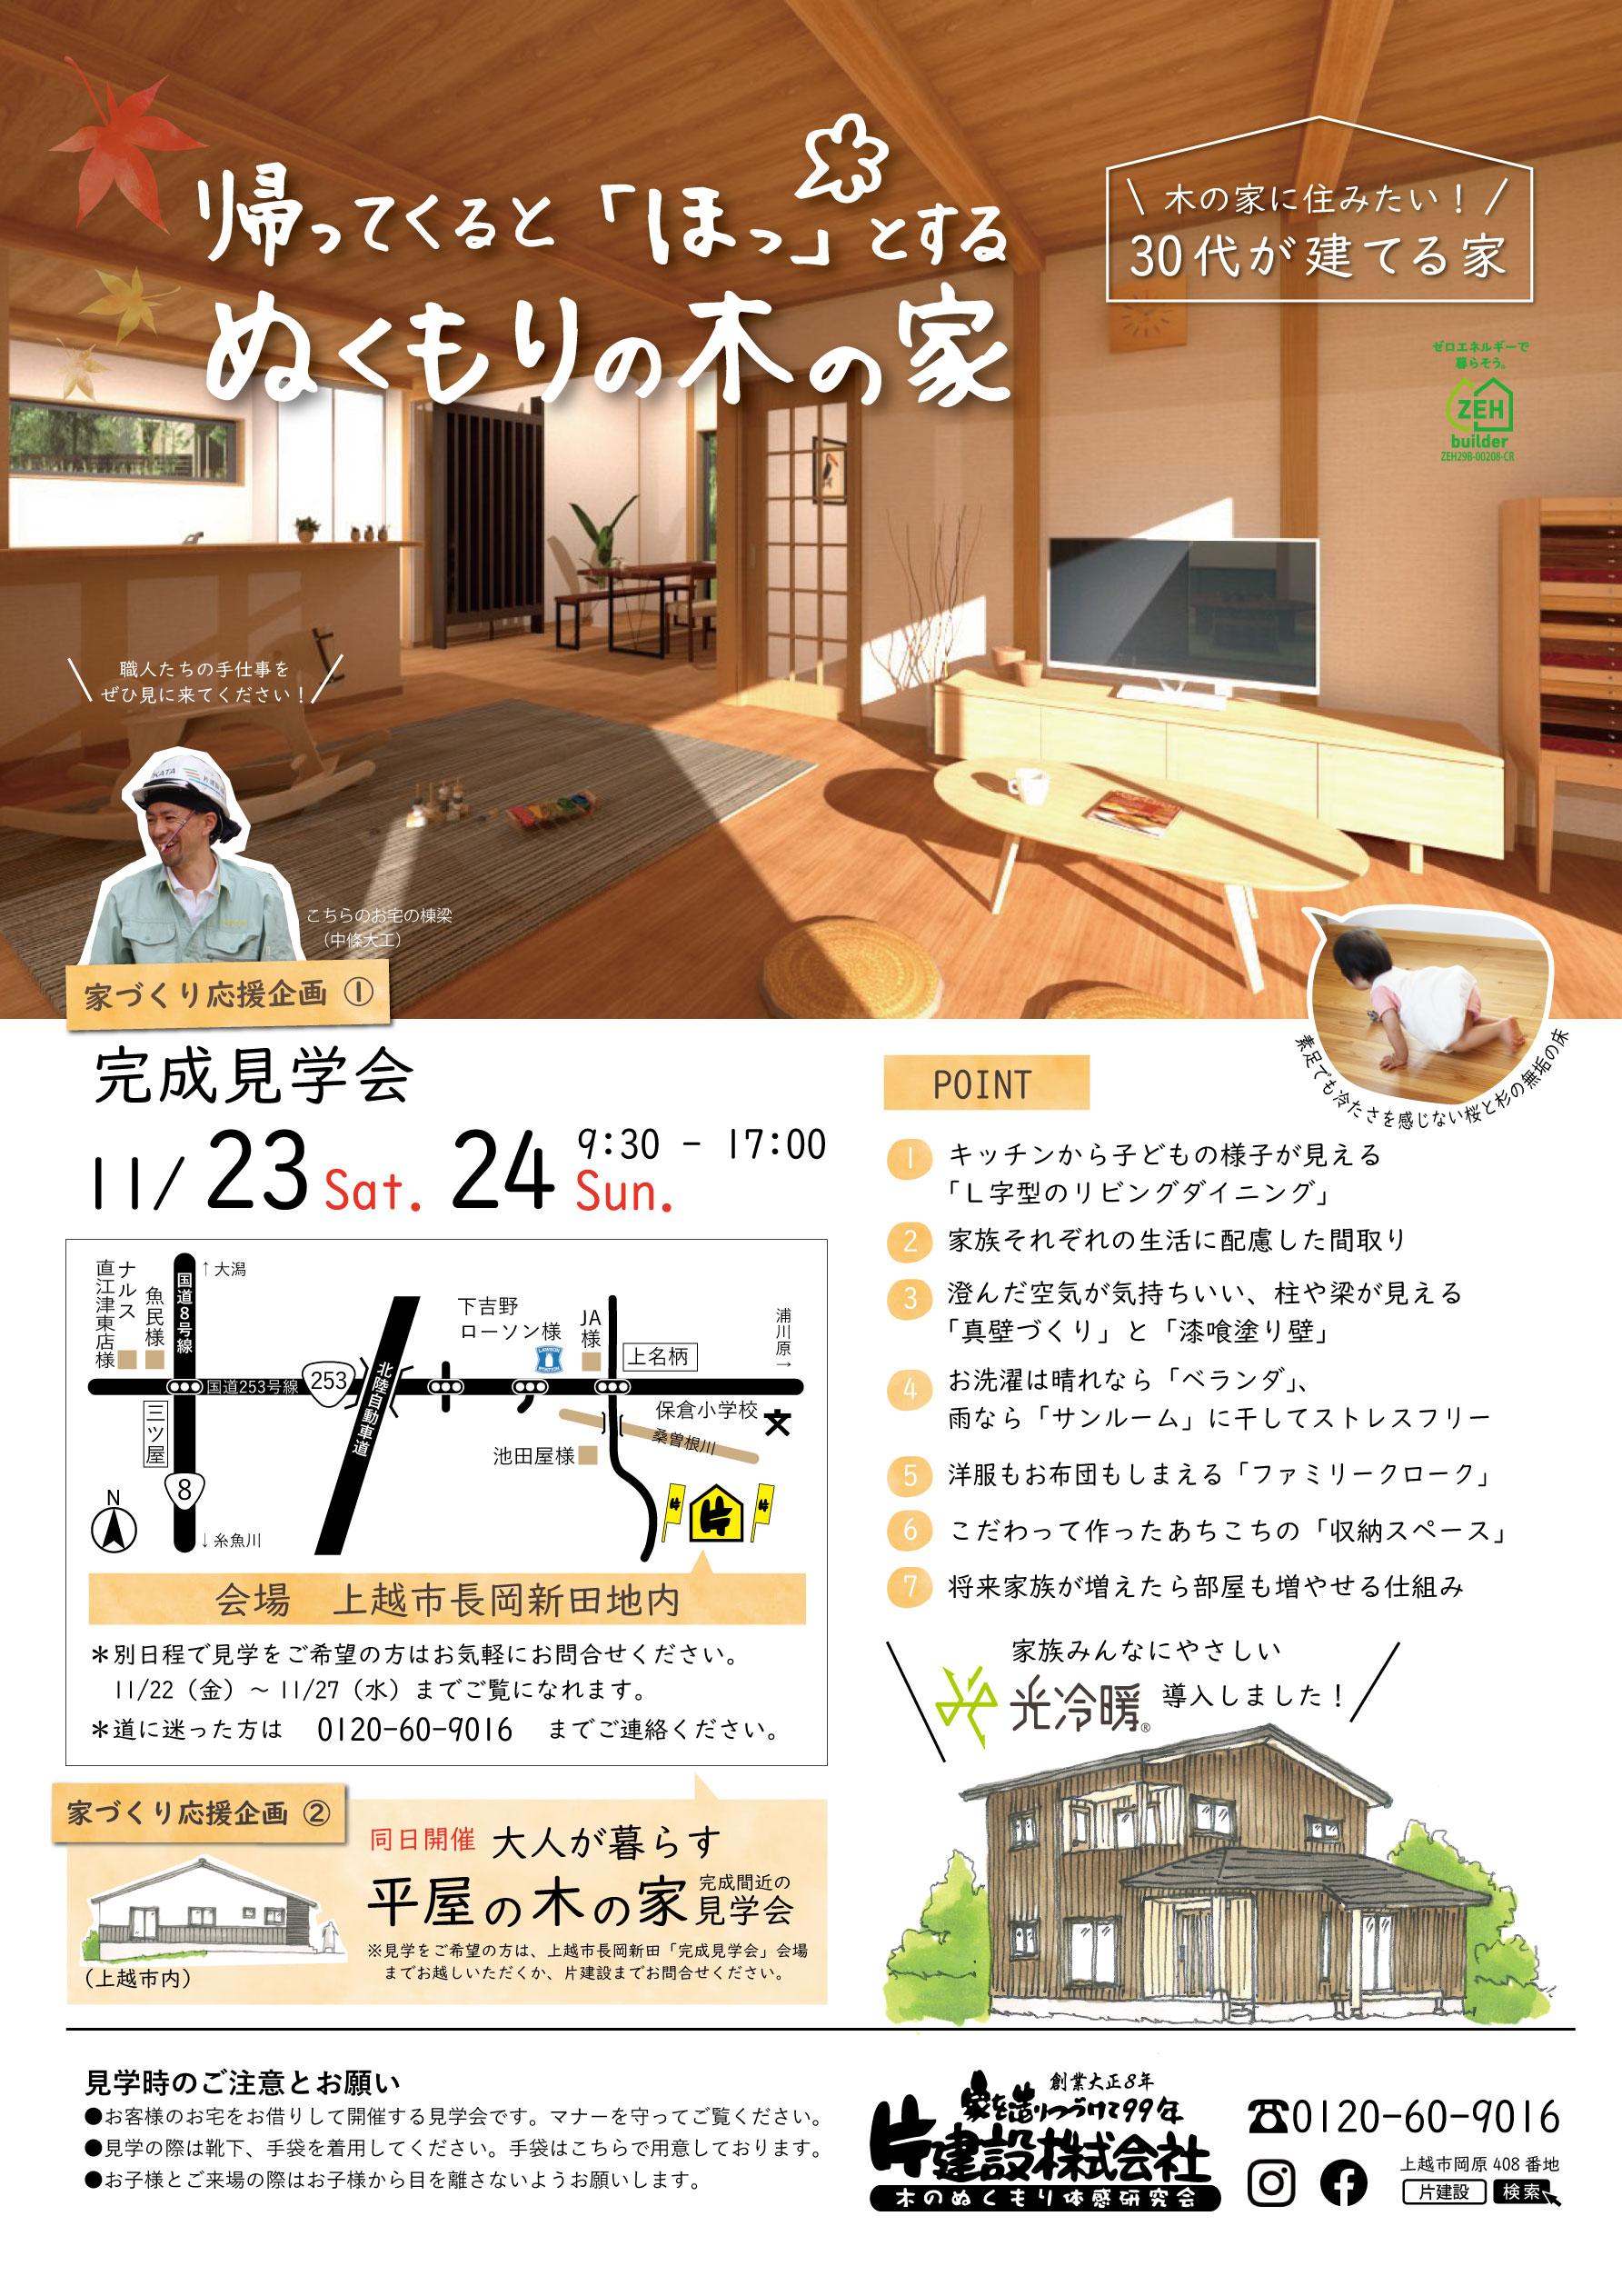 20191123見学会 タウン情報